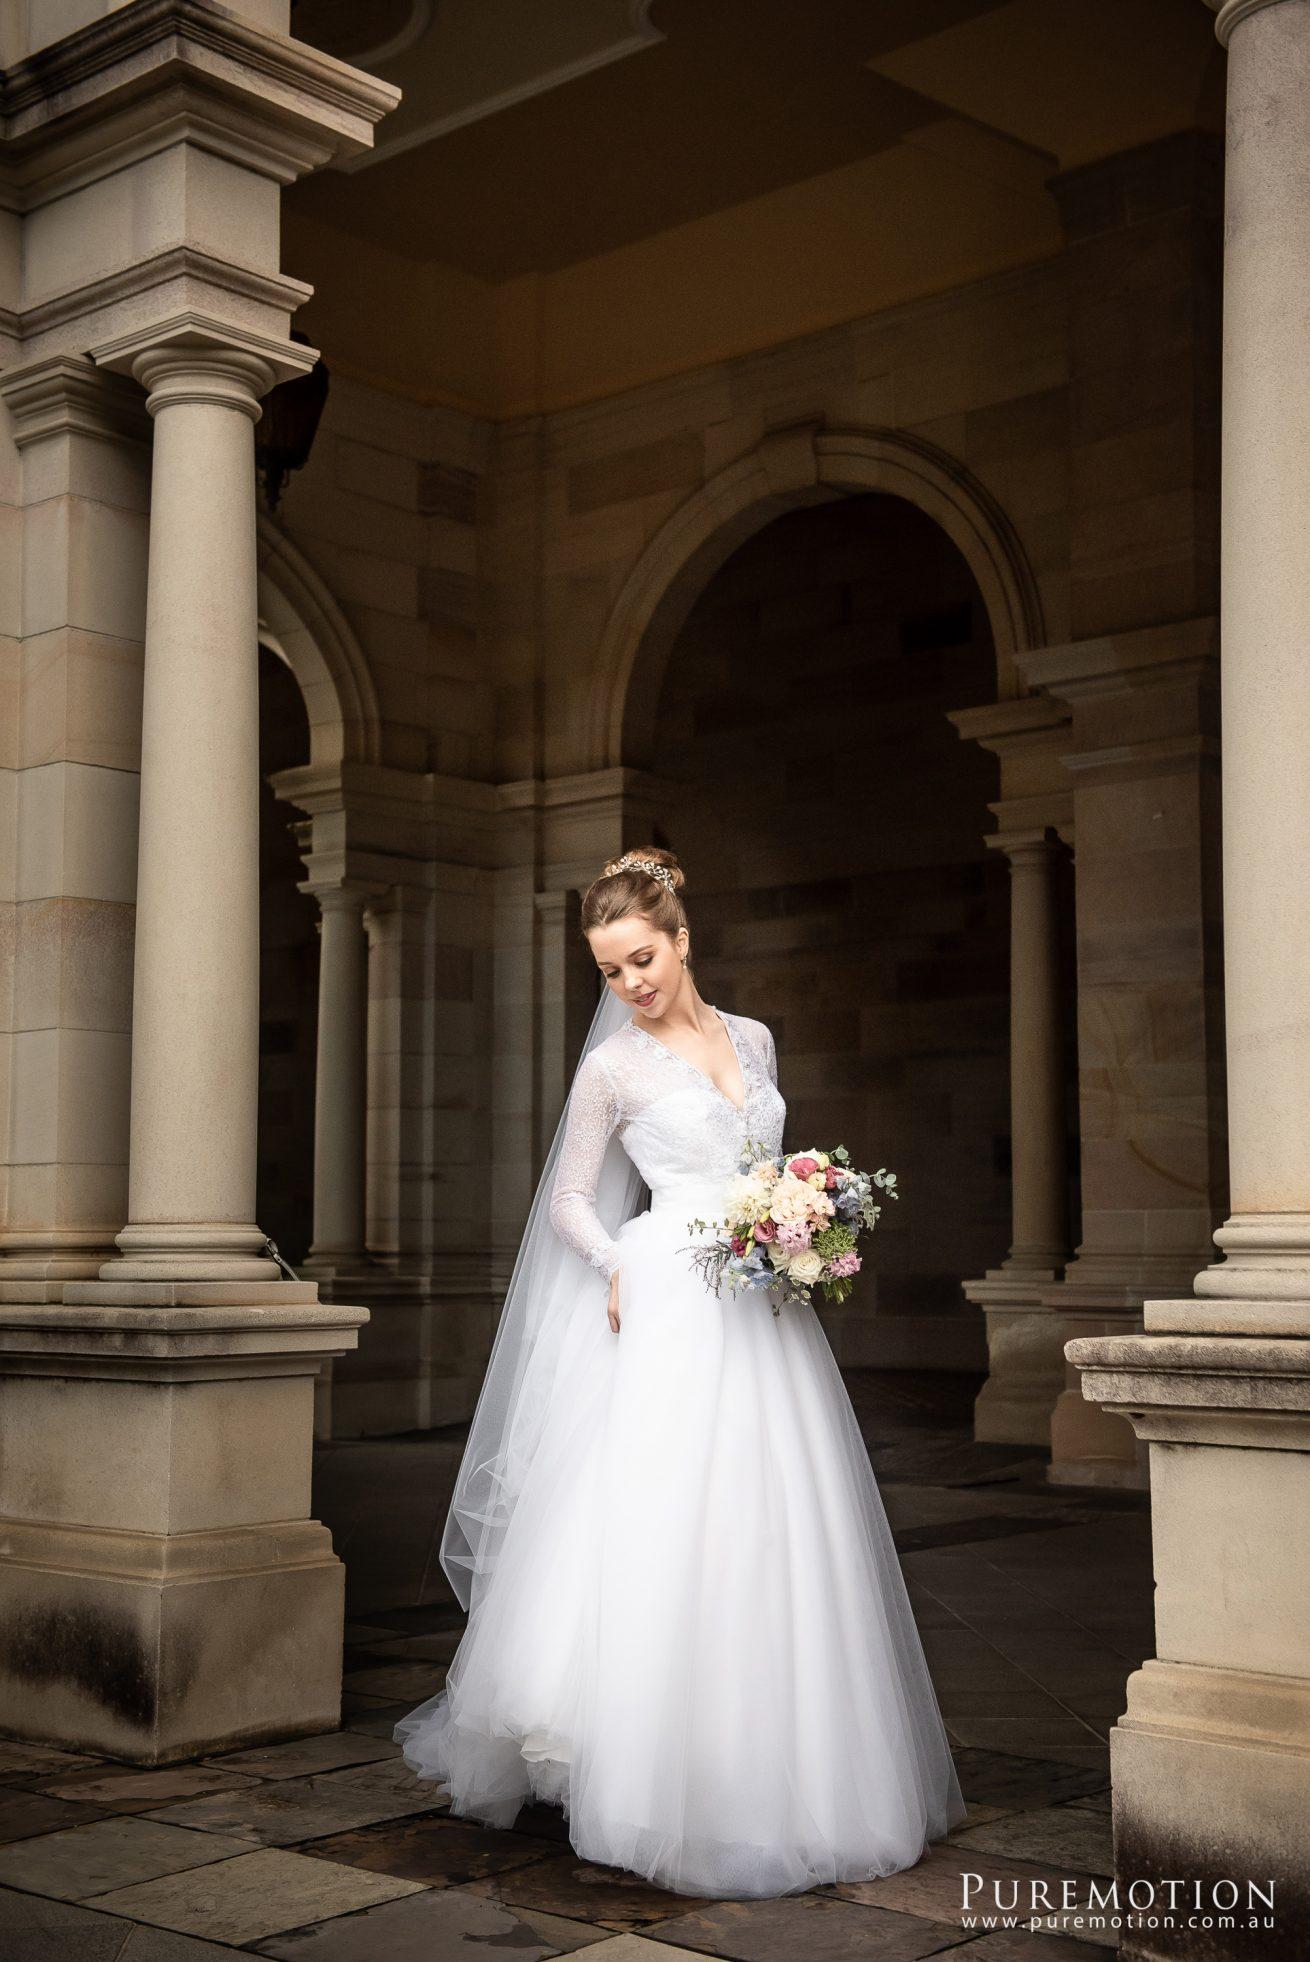 190517 Puremotion Wedding Photography Alex Huang Brisbane EmmaBen-0055